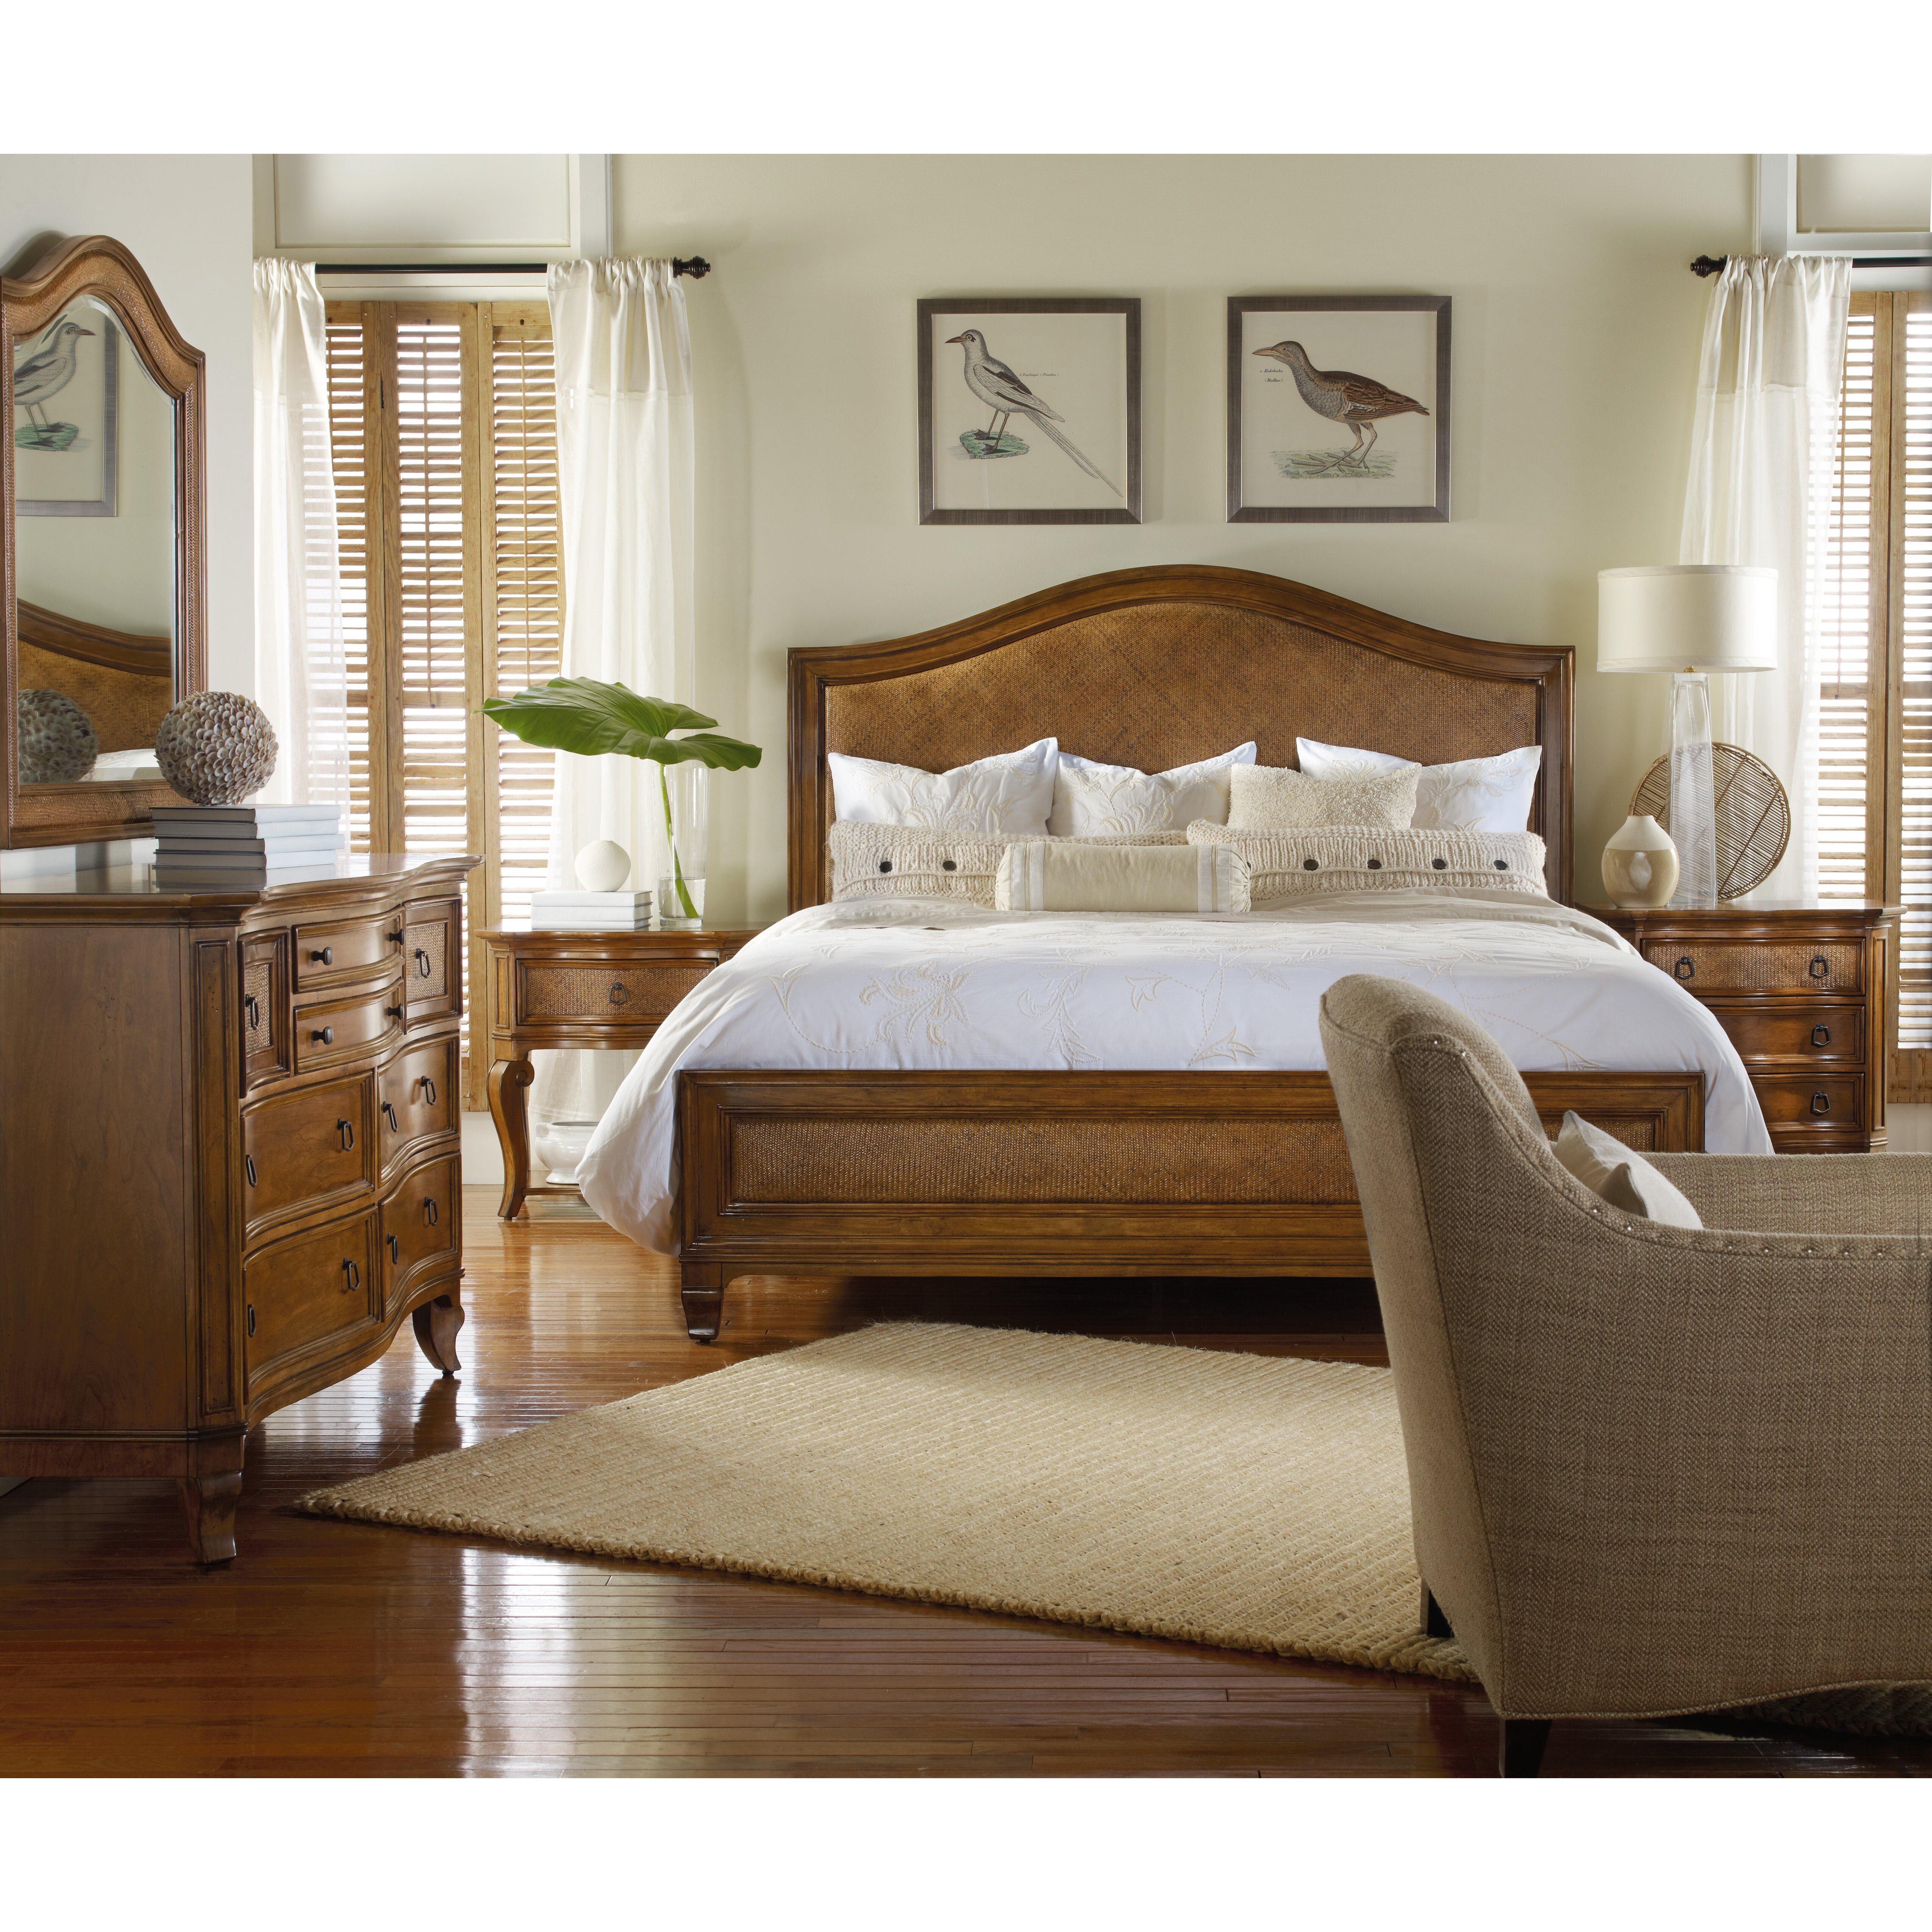 Hooker Furniture Windward 8 Drawer Dresser Reviews